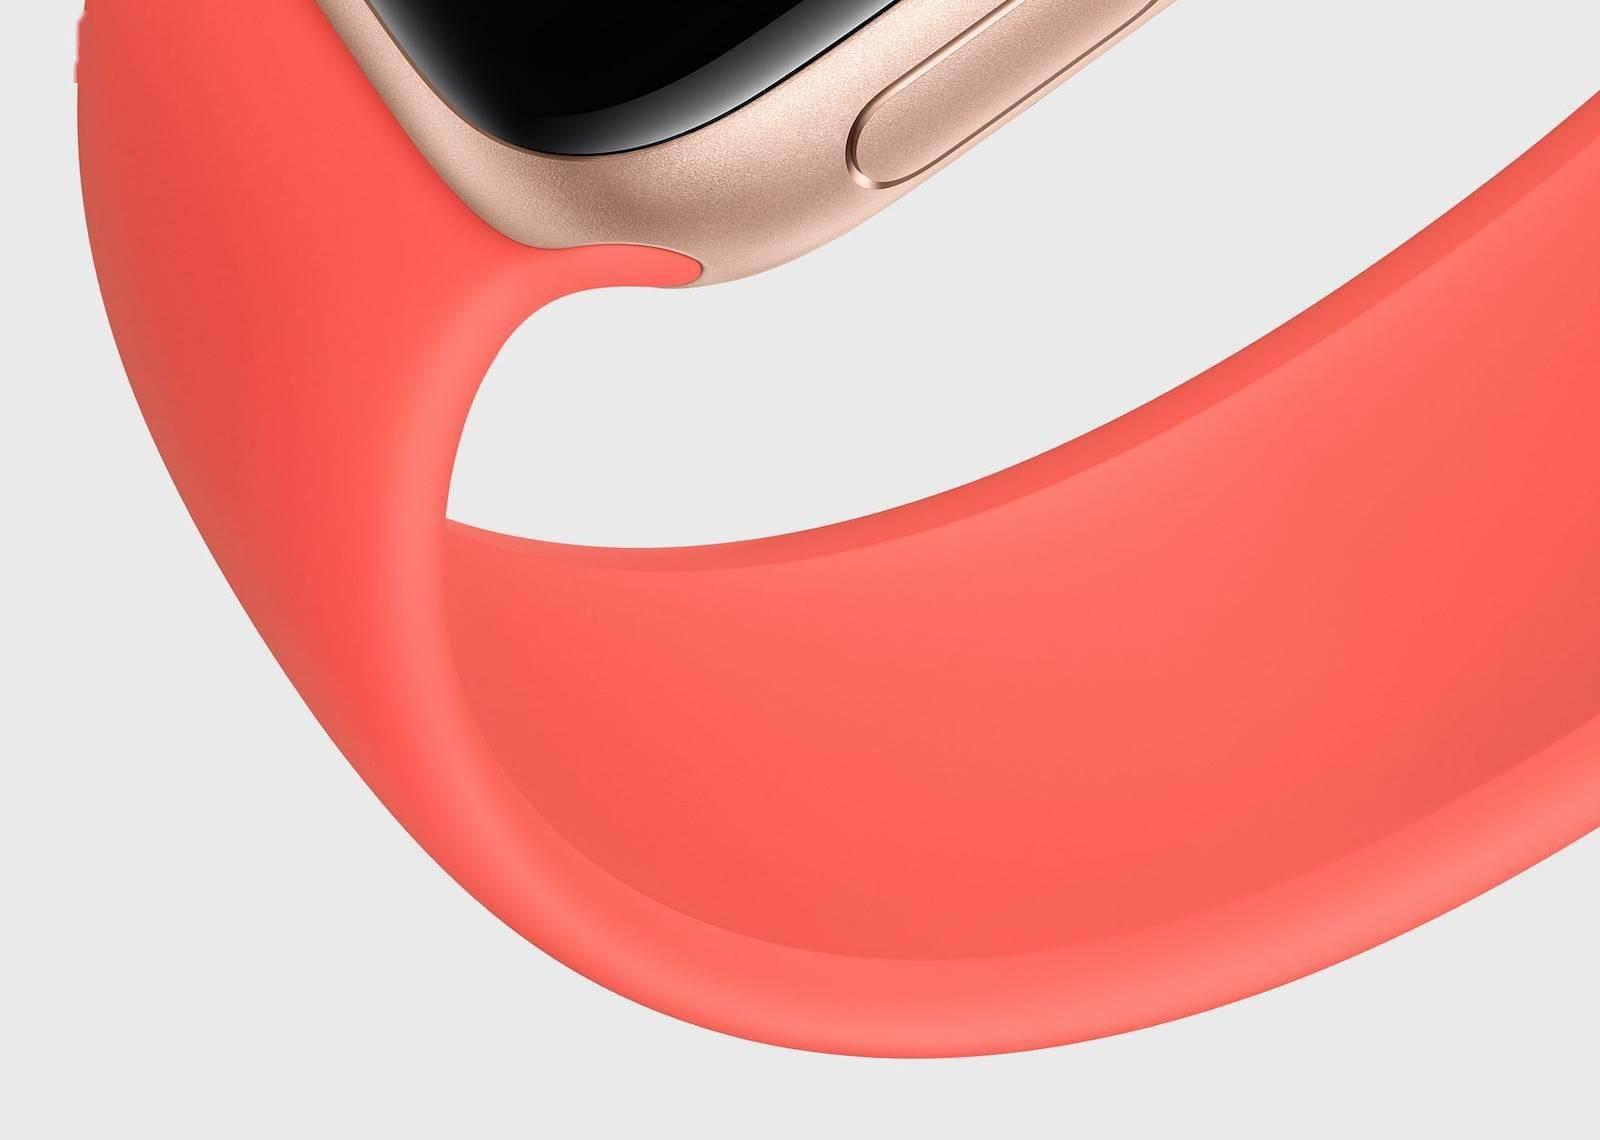 注意了:新的软硅胶单圈表带长度可能会随着时间变长